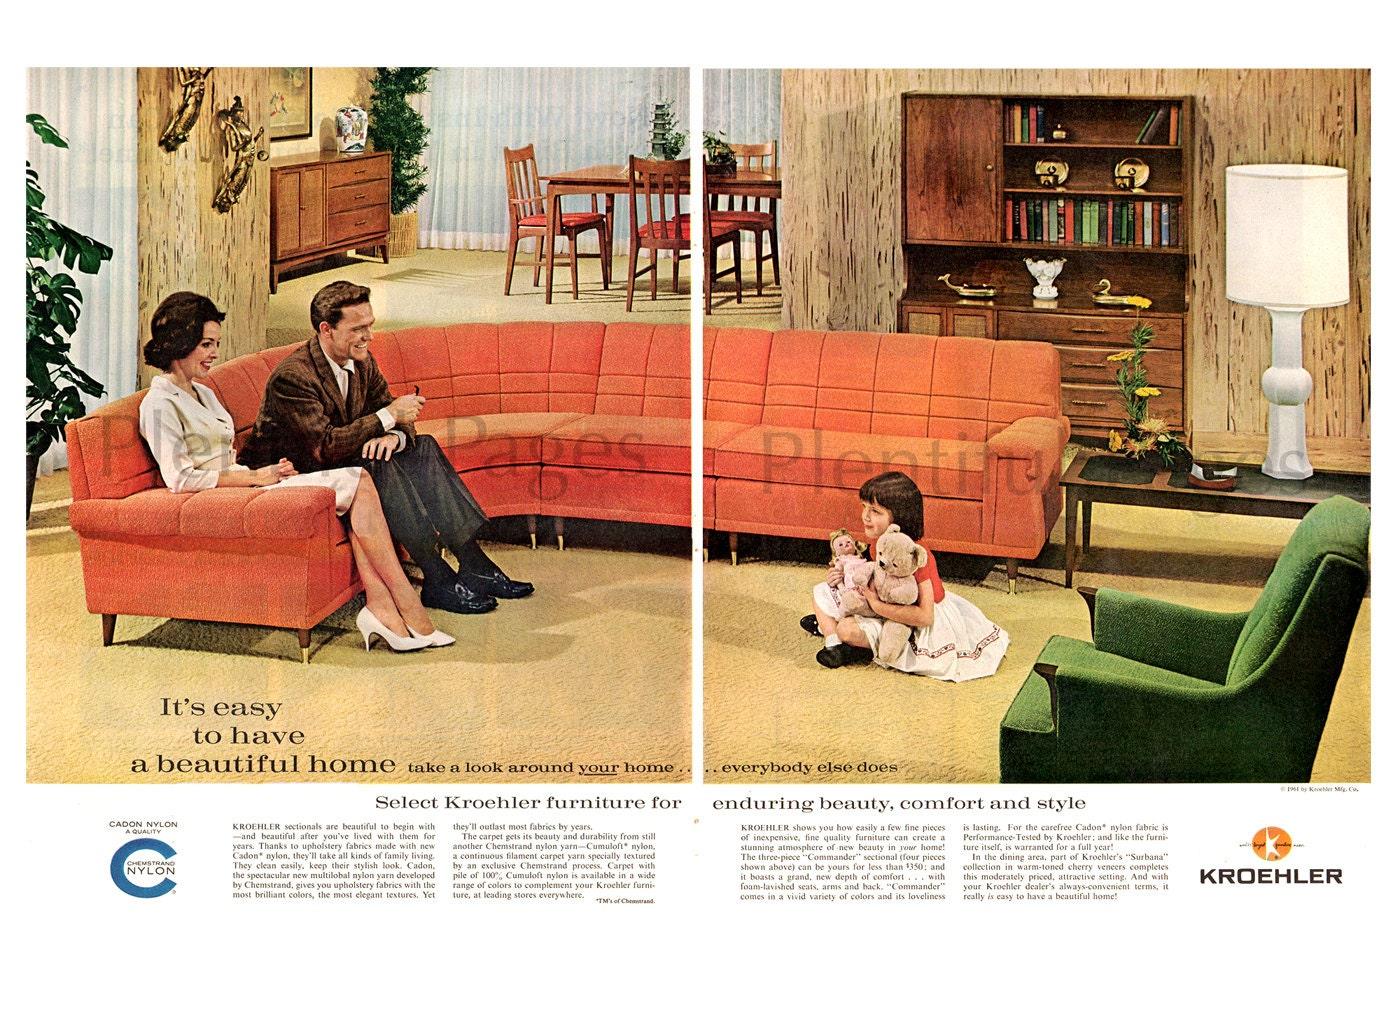 1960s Living Room 1960 39 s Living Room